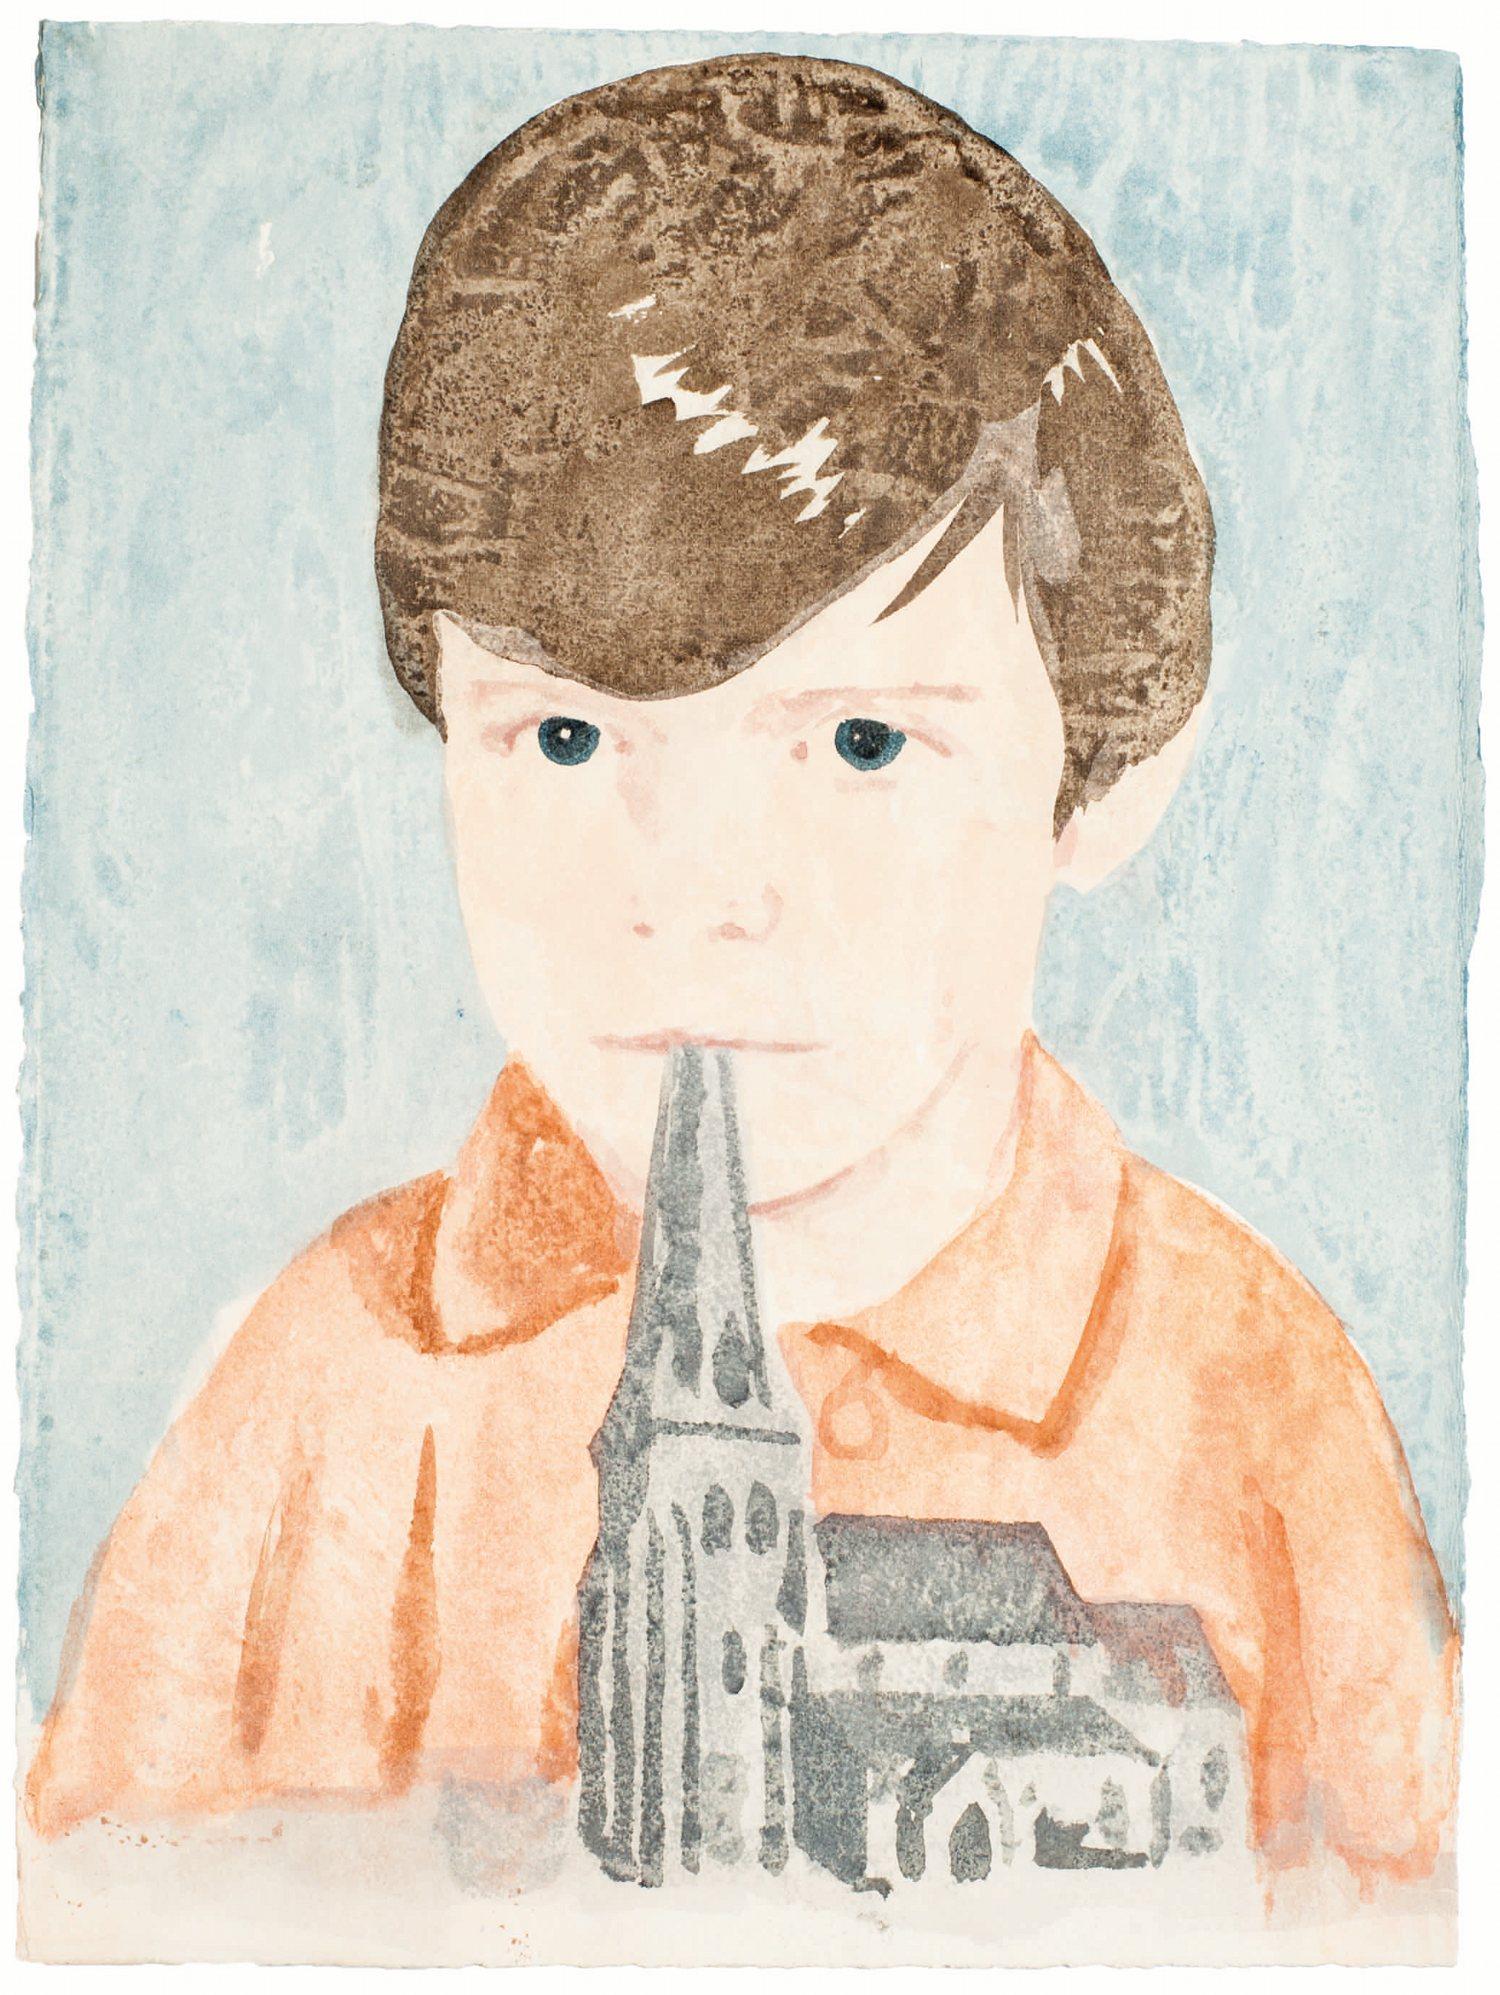 A Place to Hide, aquarelle sur papier@(38 x 28.5 cm)